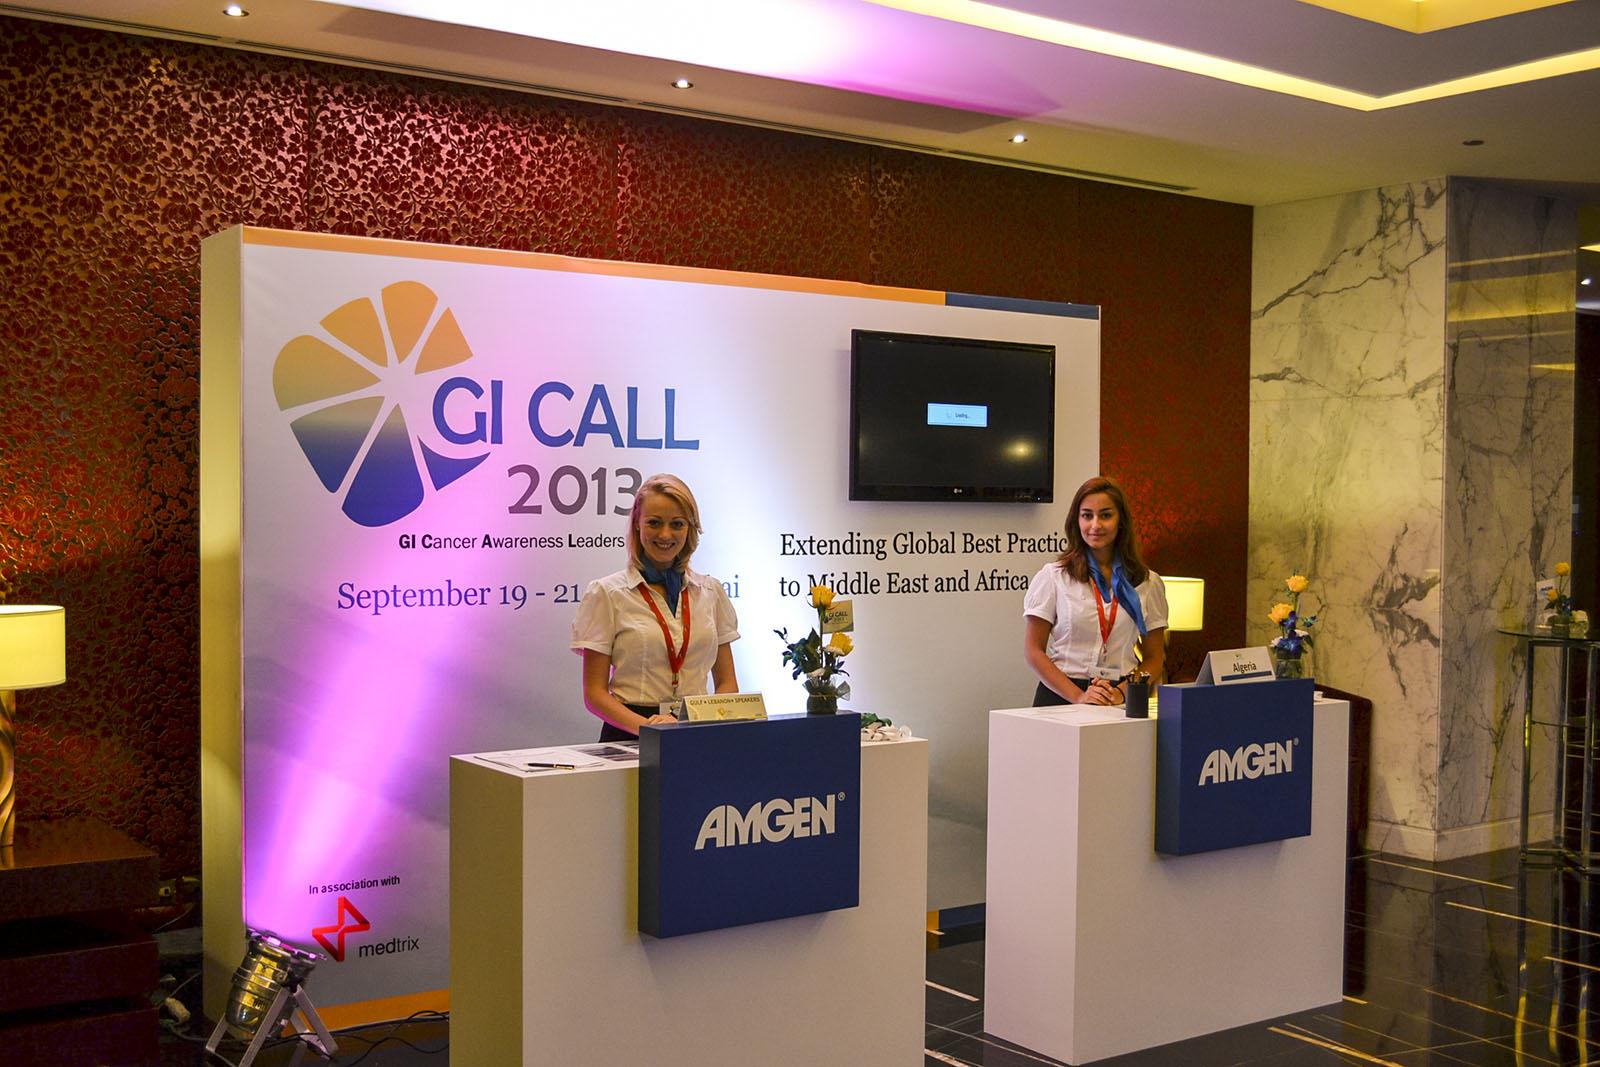 GI Call